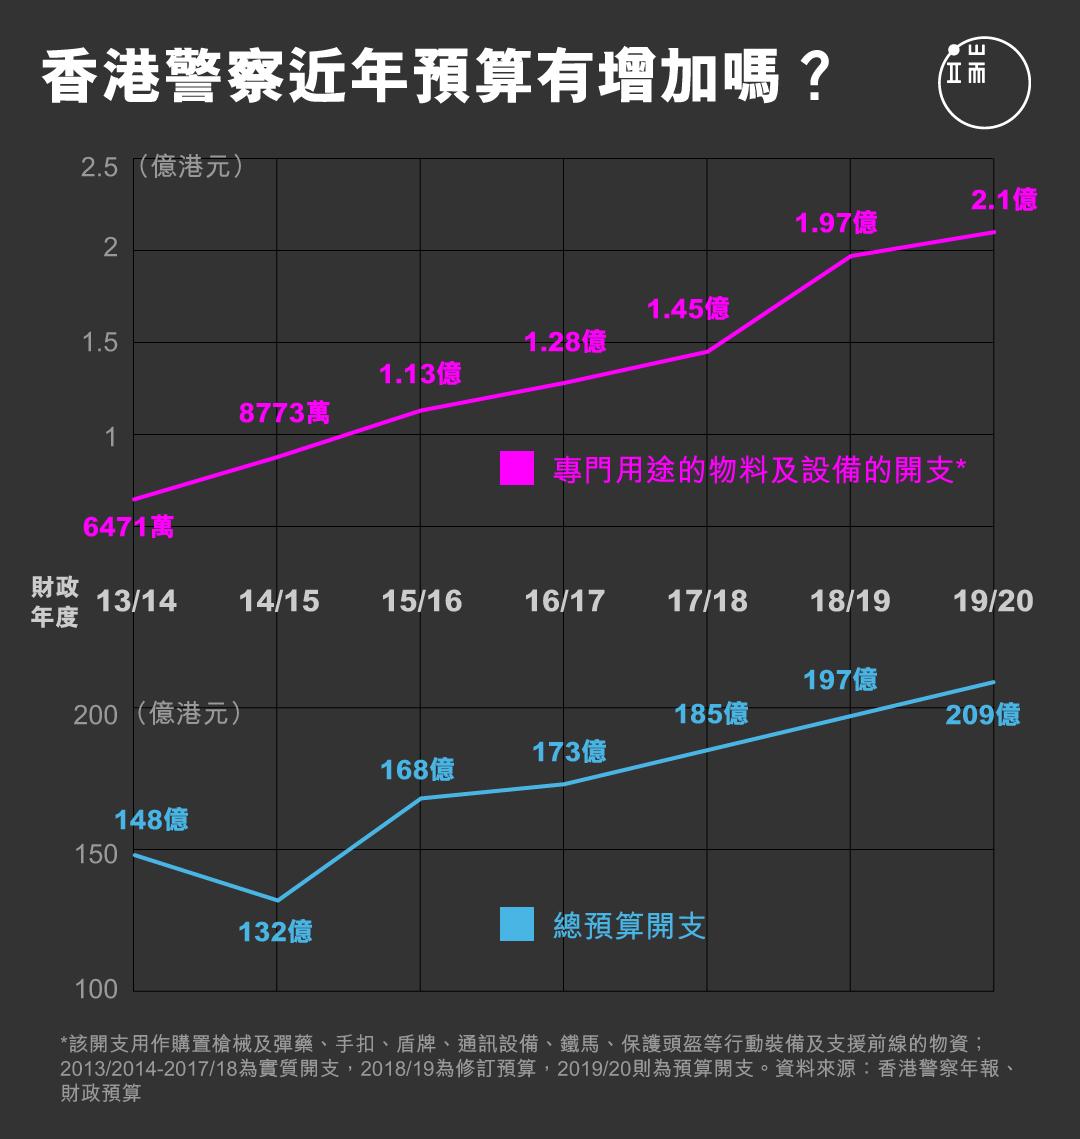 香港警察近年預算有增加嗎?